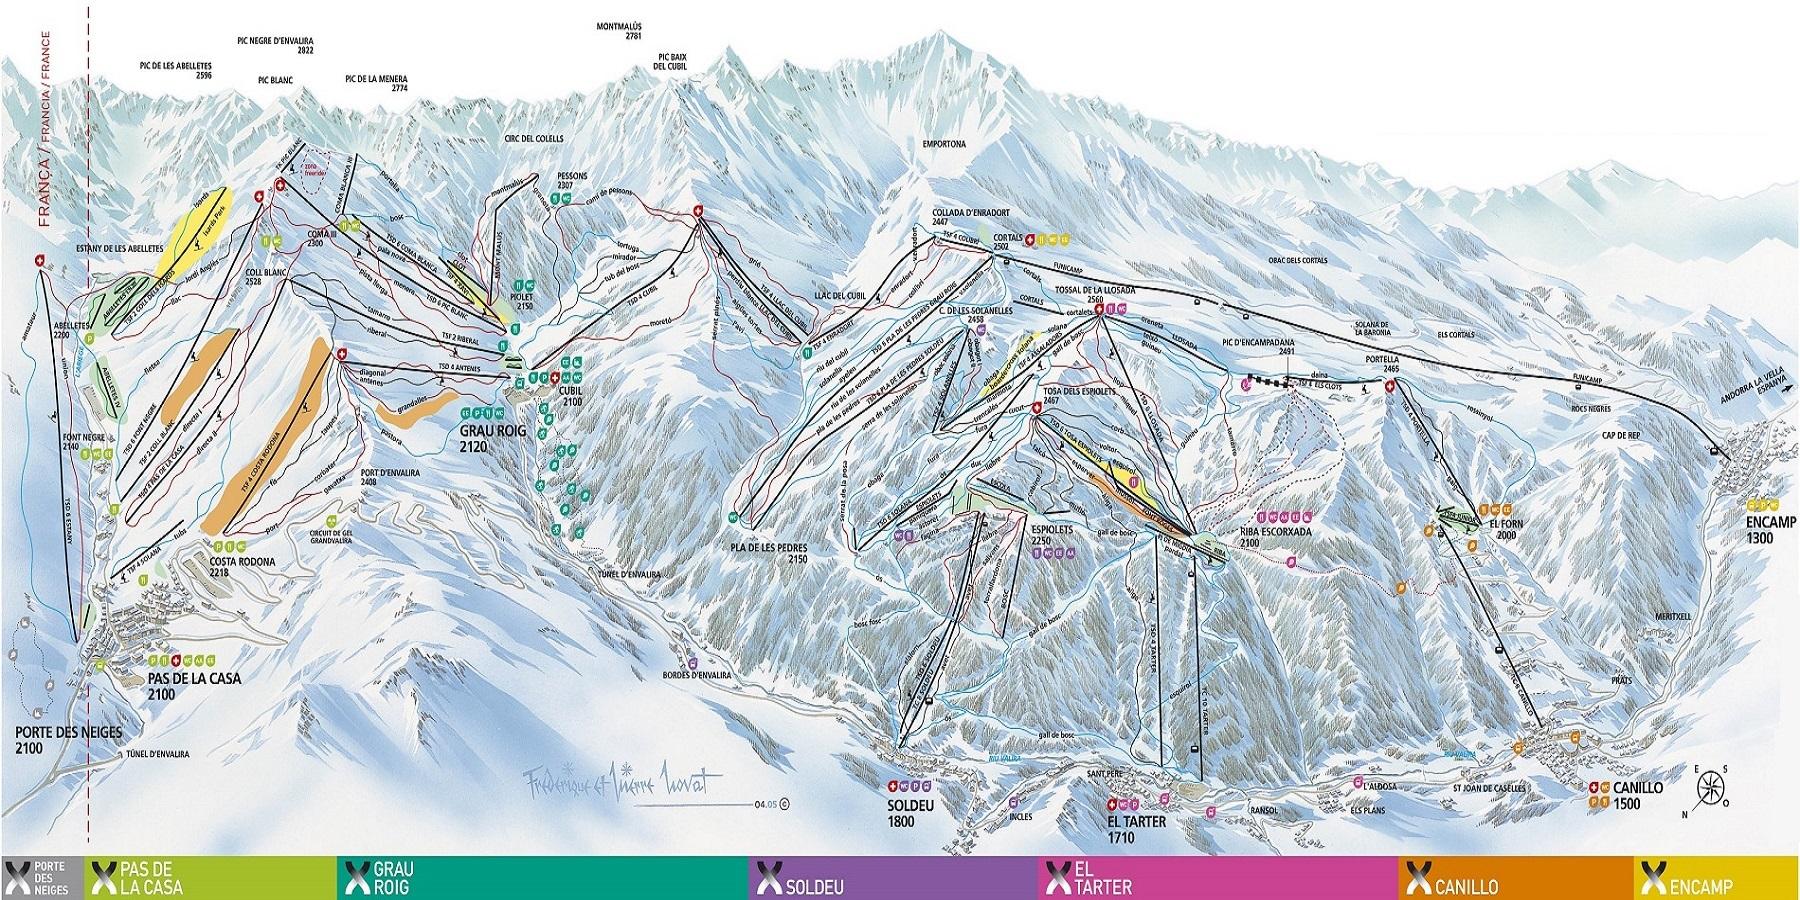 Схема трасс в Андорре (Ski map Andorra)